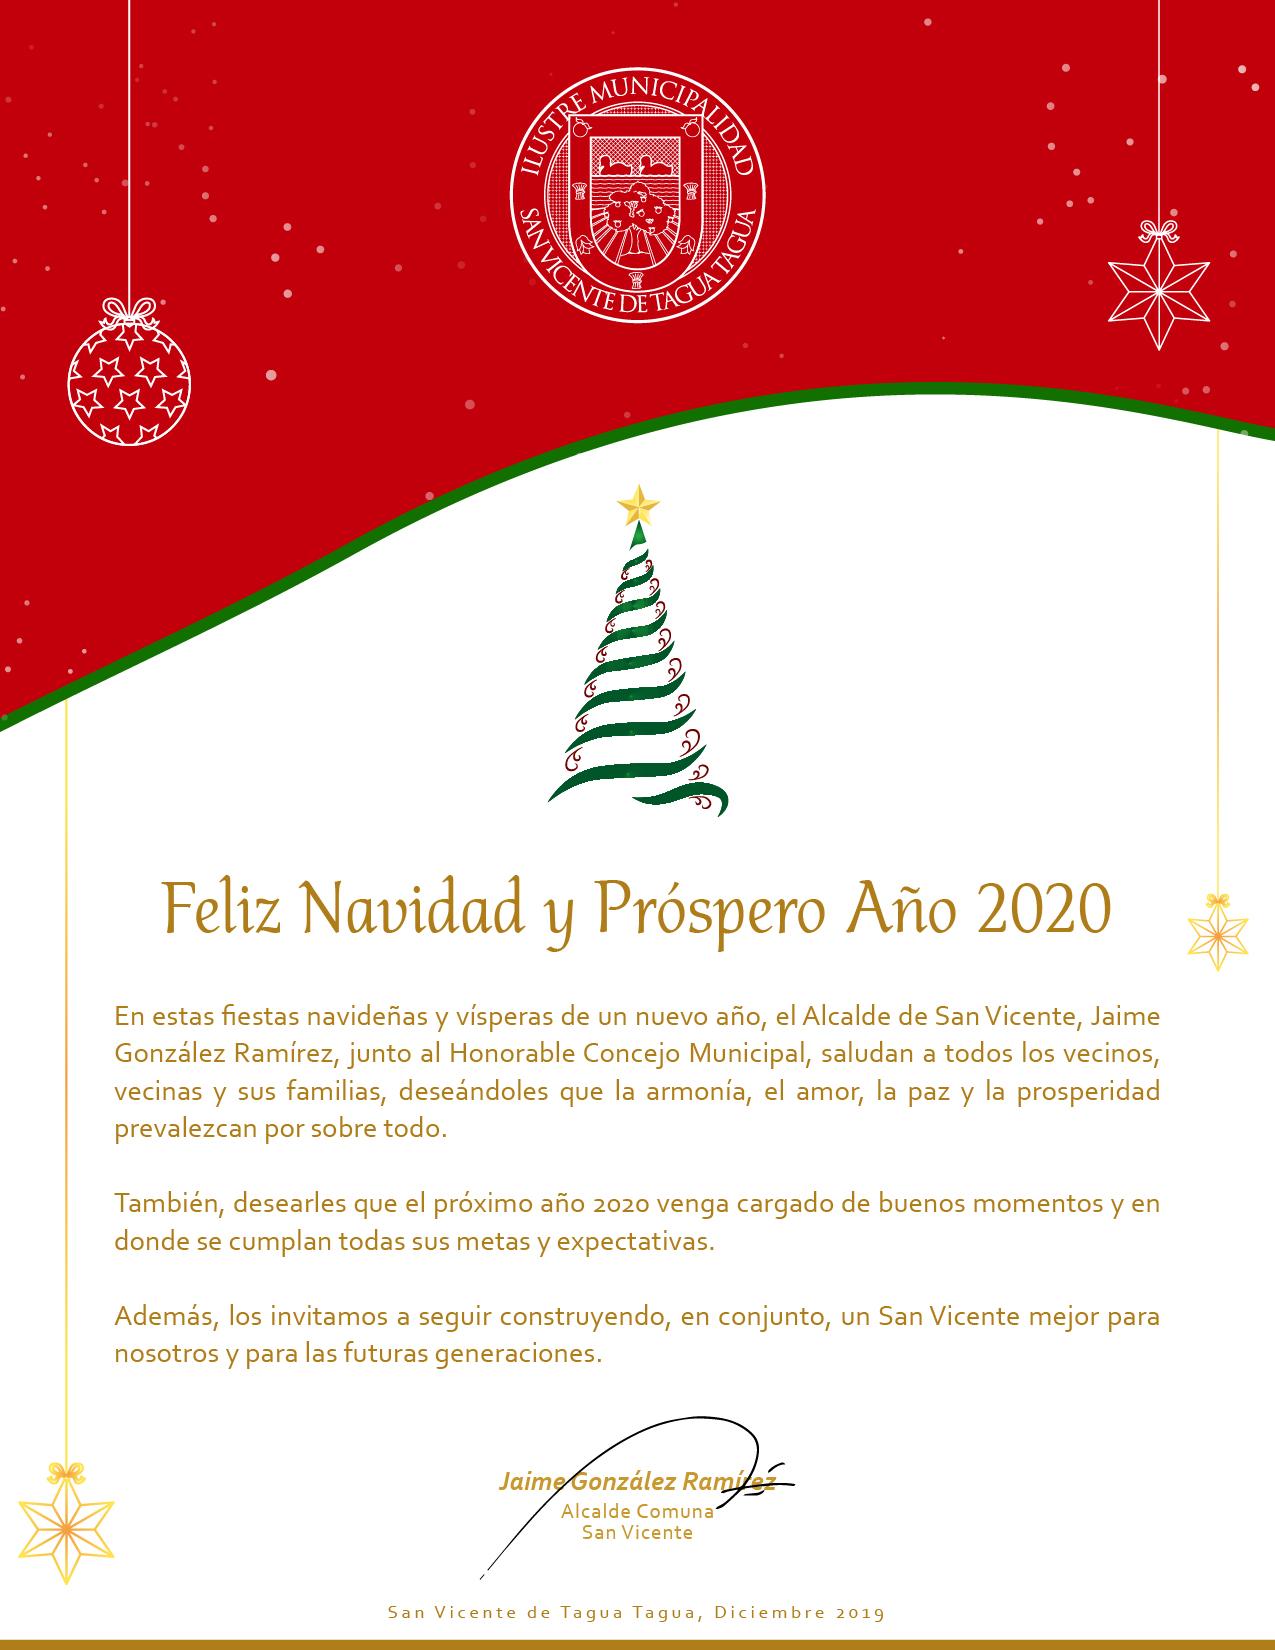 ‼️FELIZ NAVIDAD Y PRÓSPERO AÑO 2020 LES DESEA EL ALCALDE JAIME GONZÁLEZ Y EL HONORABLE CONCEJO MUNICIPAL‼️🎁🎁🎁🌠🌠🌠